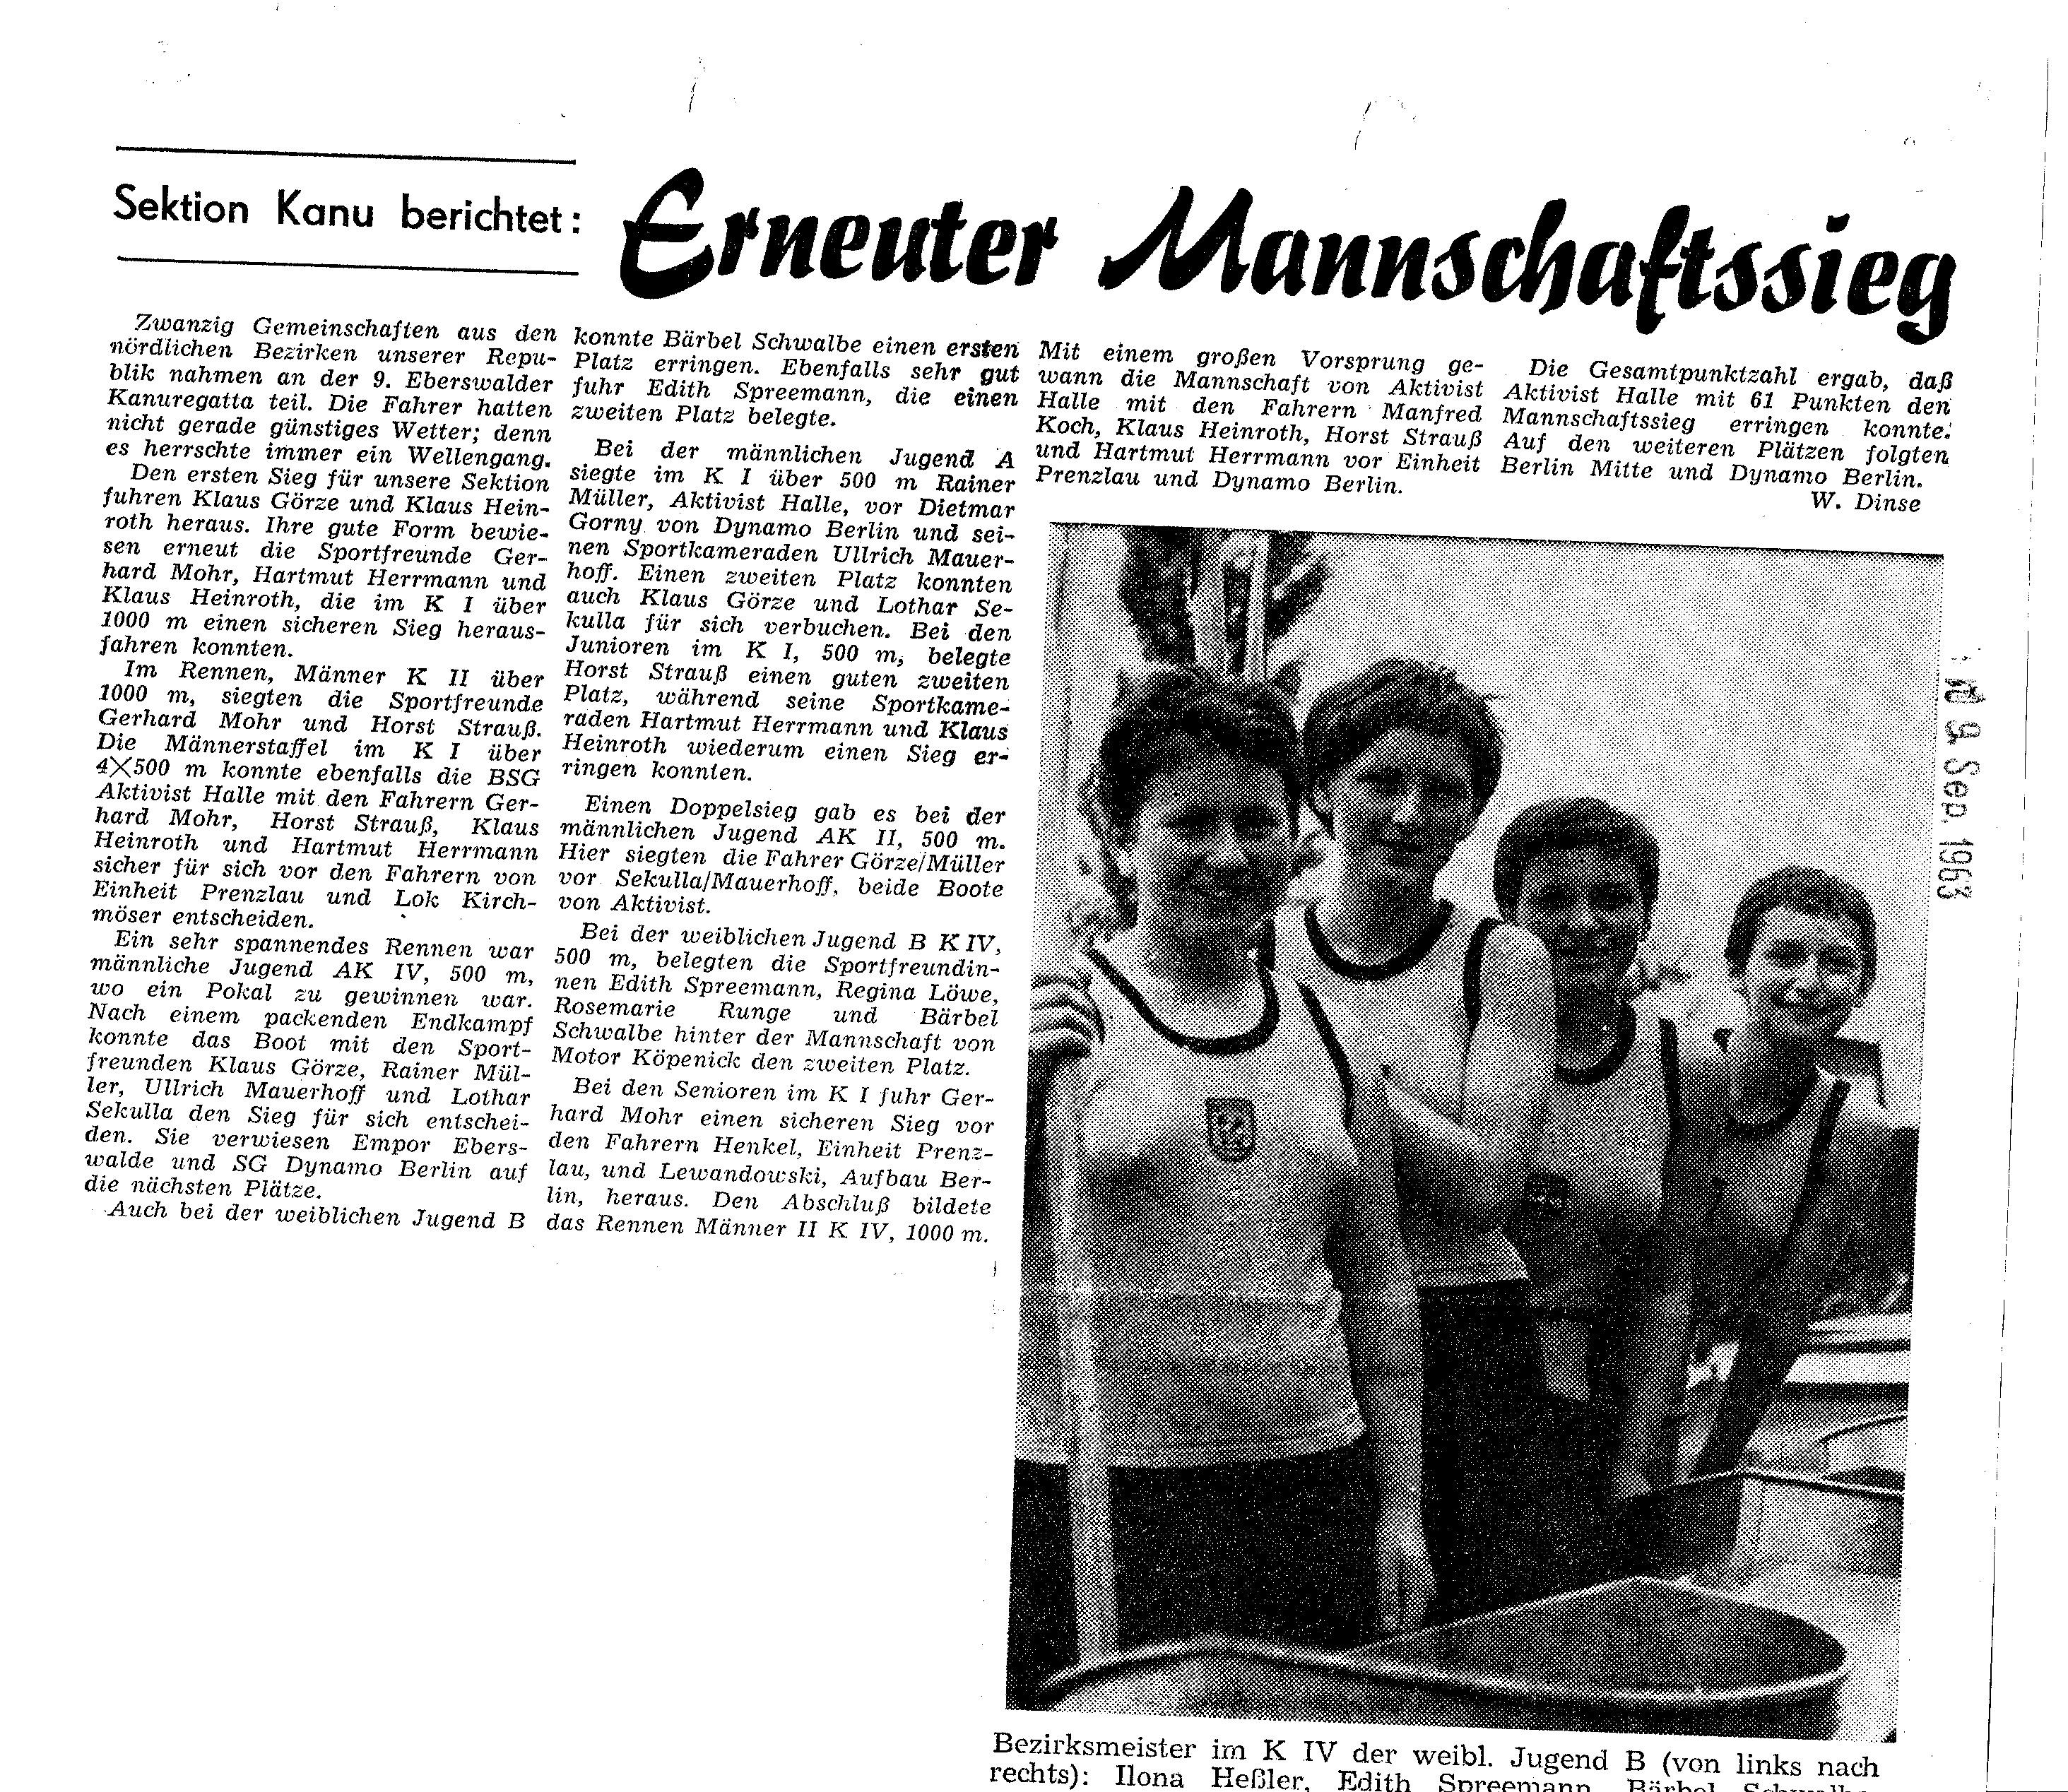 1963-09-09 Erneuter Mannschaftssieg